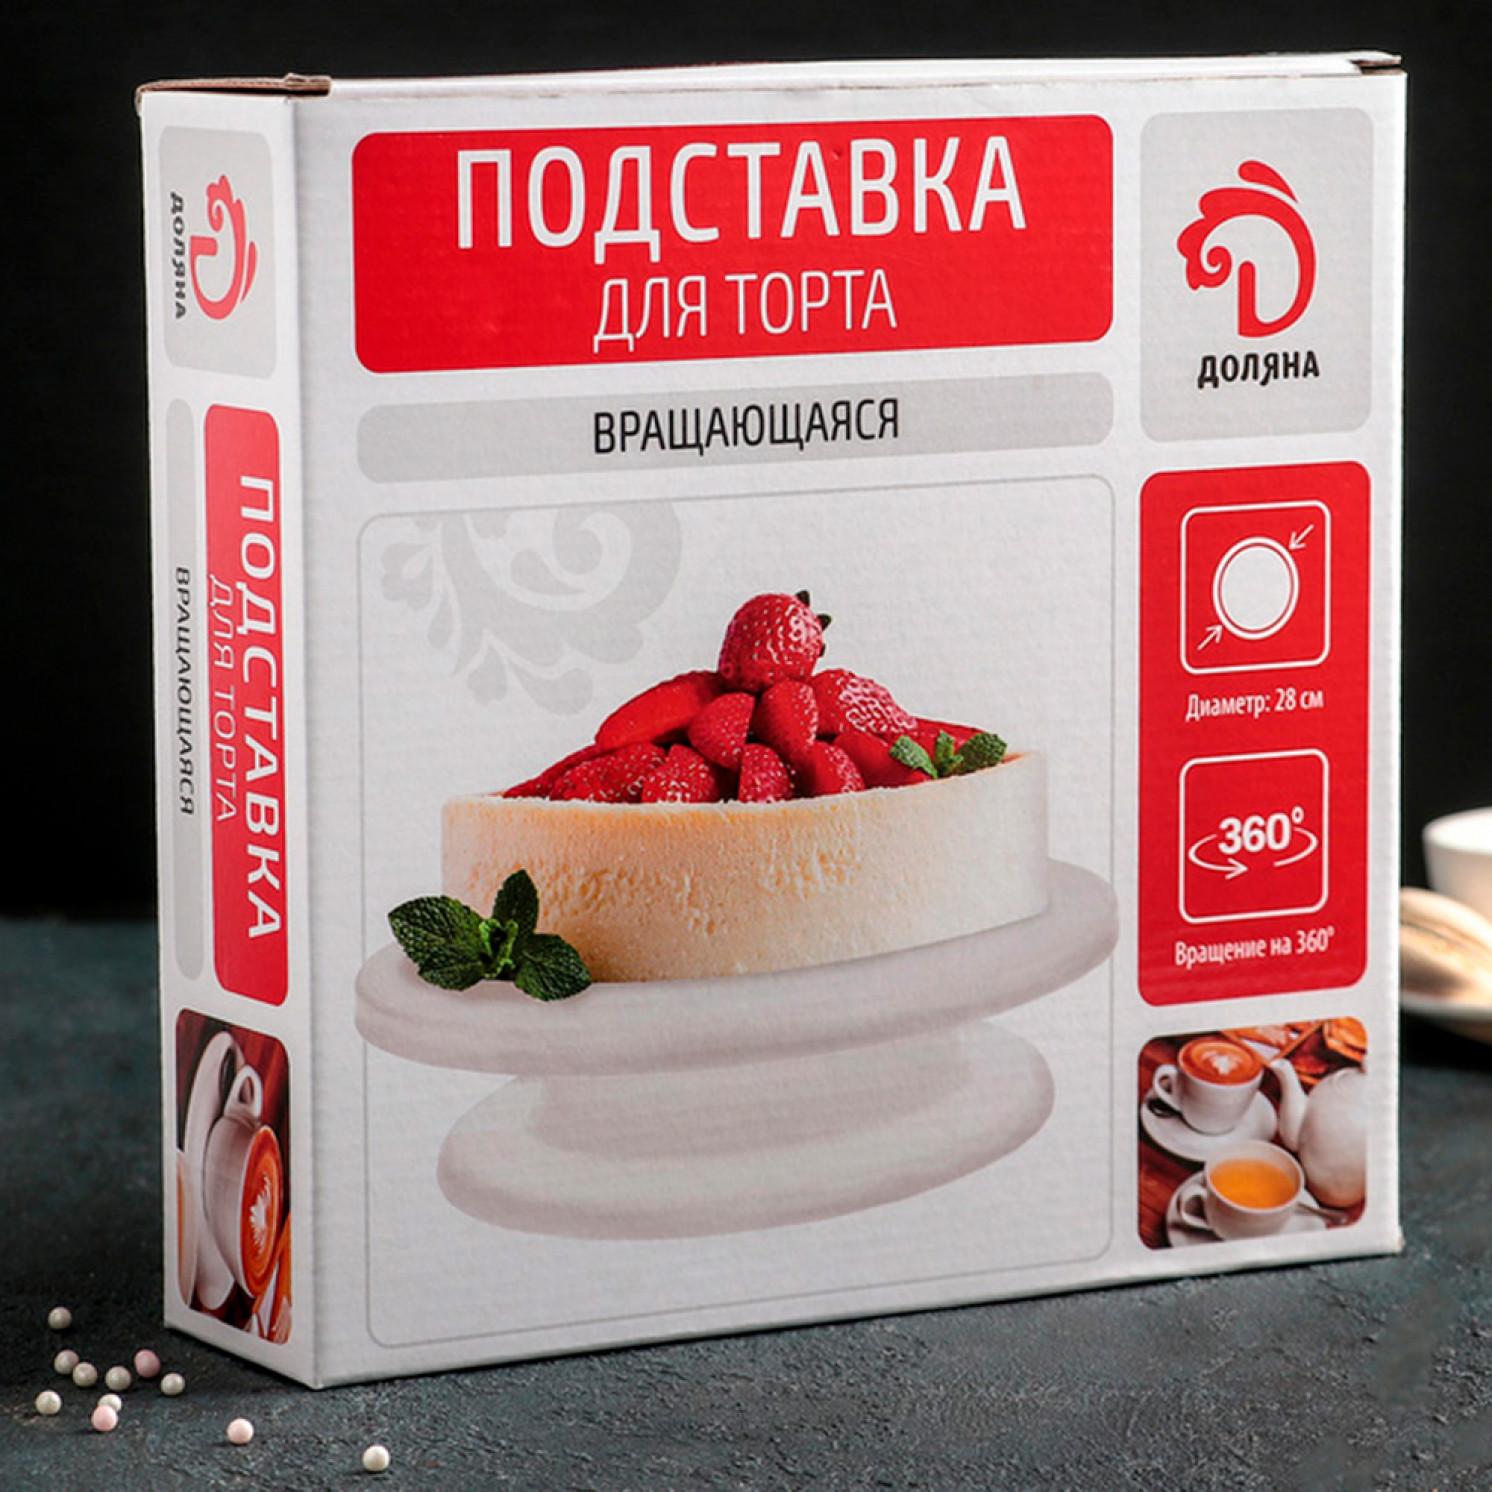 Подставка для торта вращающаяся 28×7 см